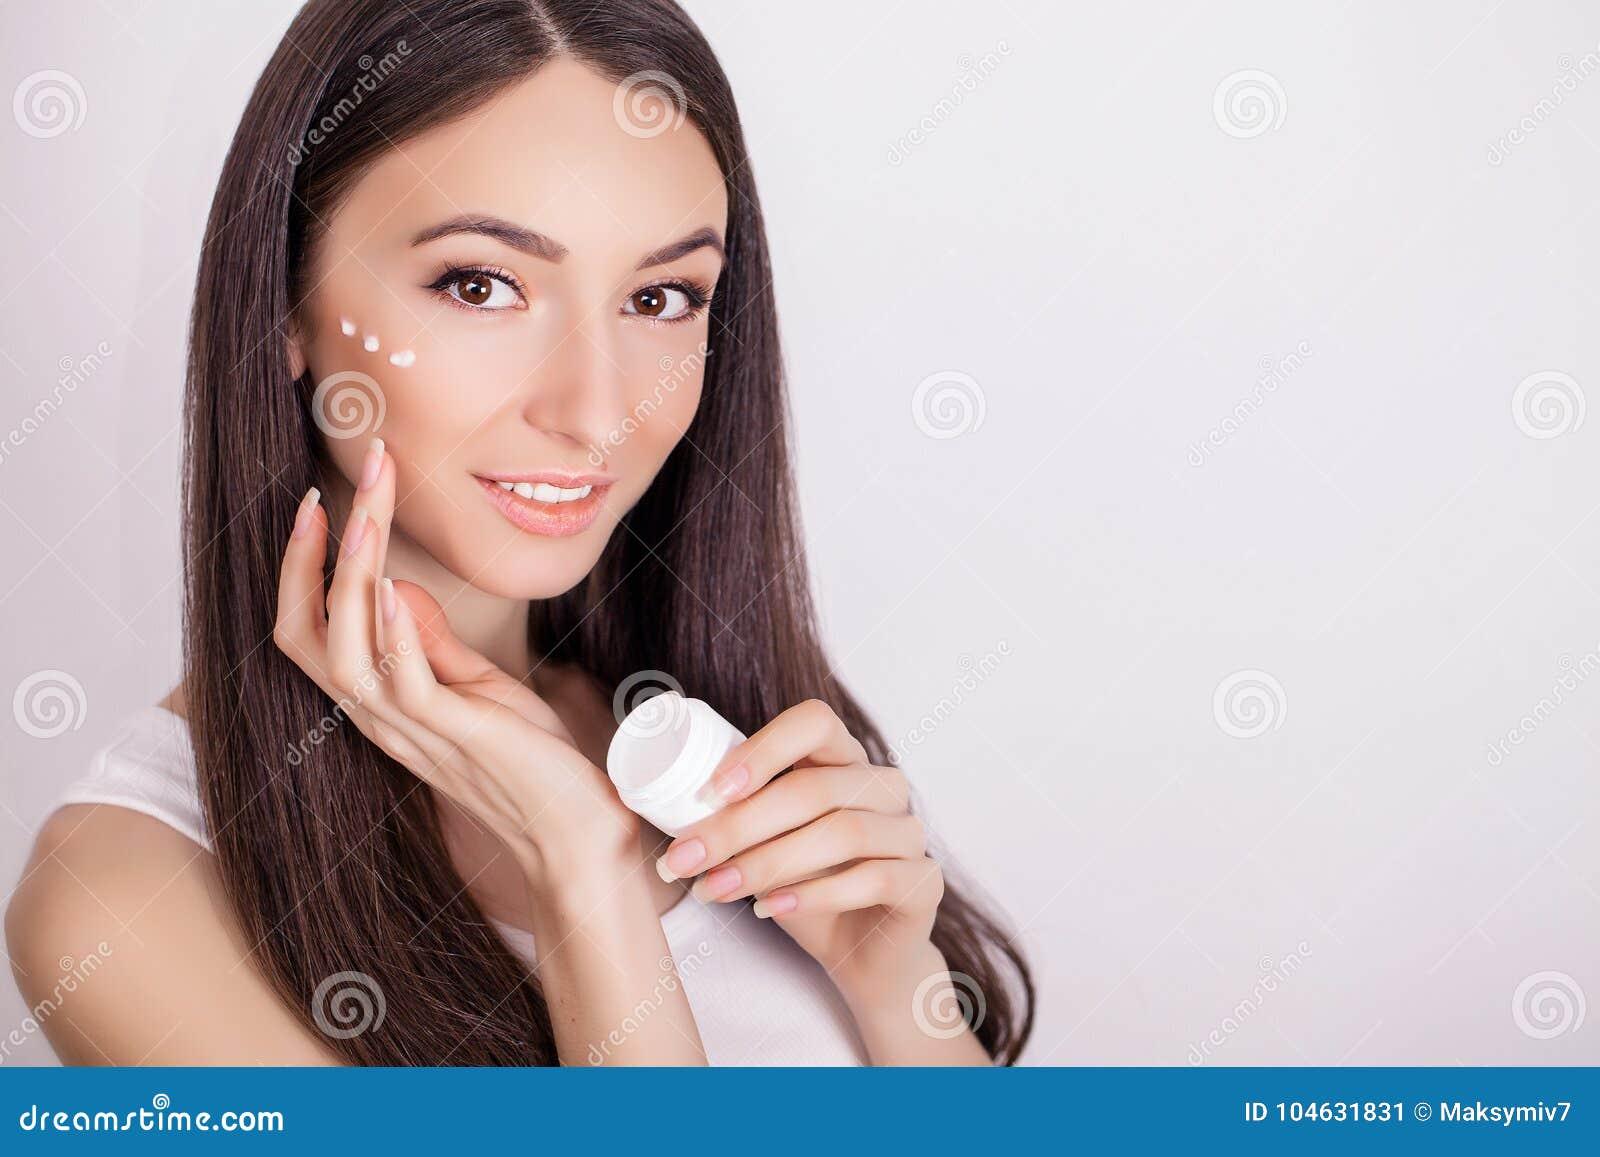 Download De Mooie Jonge Vrouw Met Schone Verse Huid Raakt Haar Gezicht Fac Stock Afbeelding - Afbeelding bestaande uit haar, levensstijl: 104631831